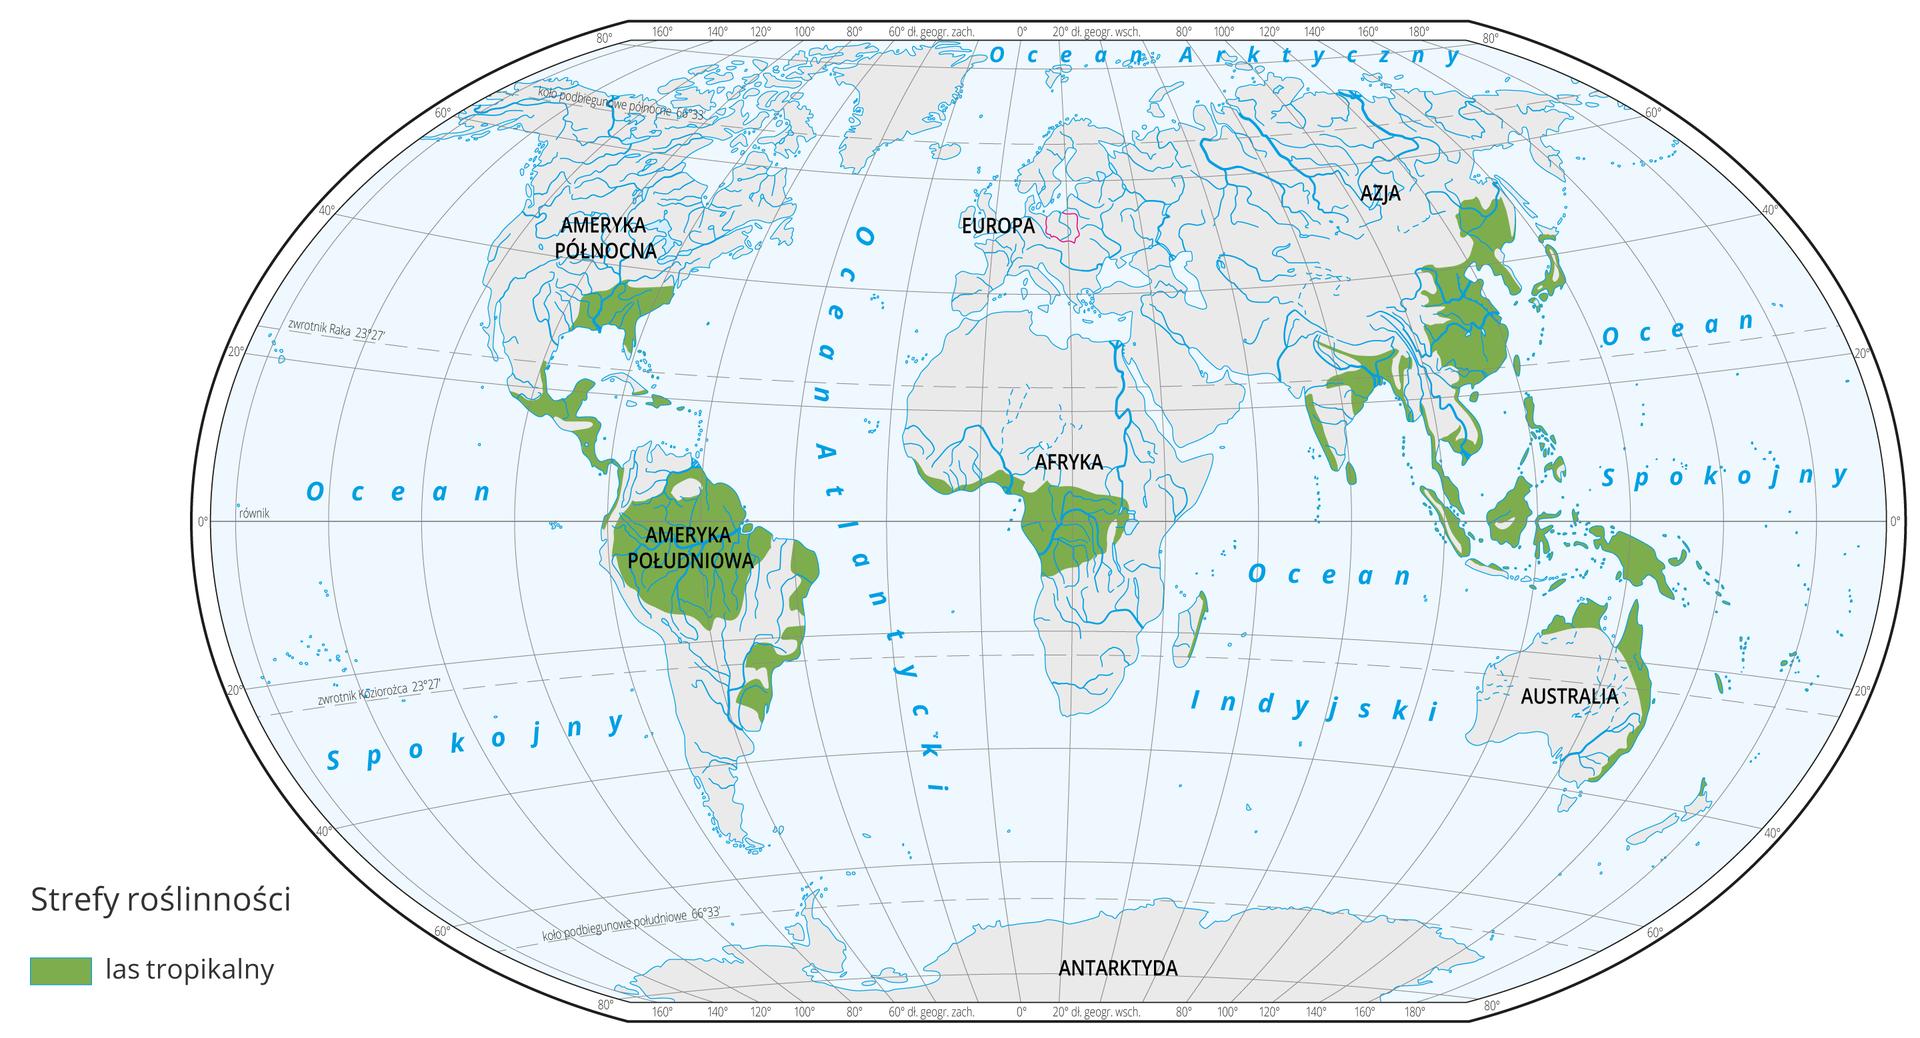 Mapa świata prezentuje występowanie lasów równikowych na Ziemi. Lasy równikowe oznaczono kolorem zielonym. Lasy równikowe występują na wysokości równika: Ameryka Południowa, środkowa Afryka, wyspy Archipelagu Malajskiego. Ponadto wAmeryce Środkowej, Azji południowo wschodniej oraz we wschodniej Australii.